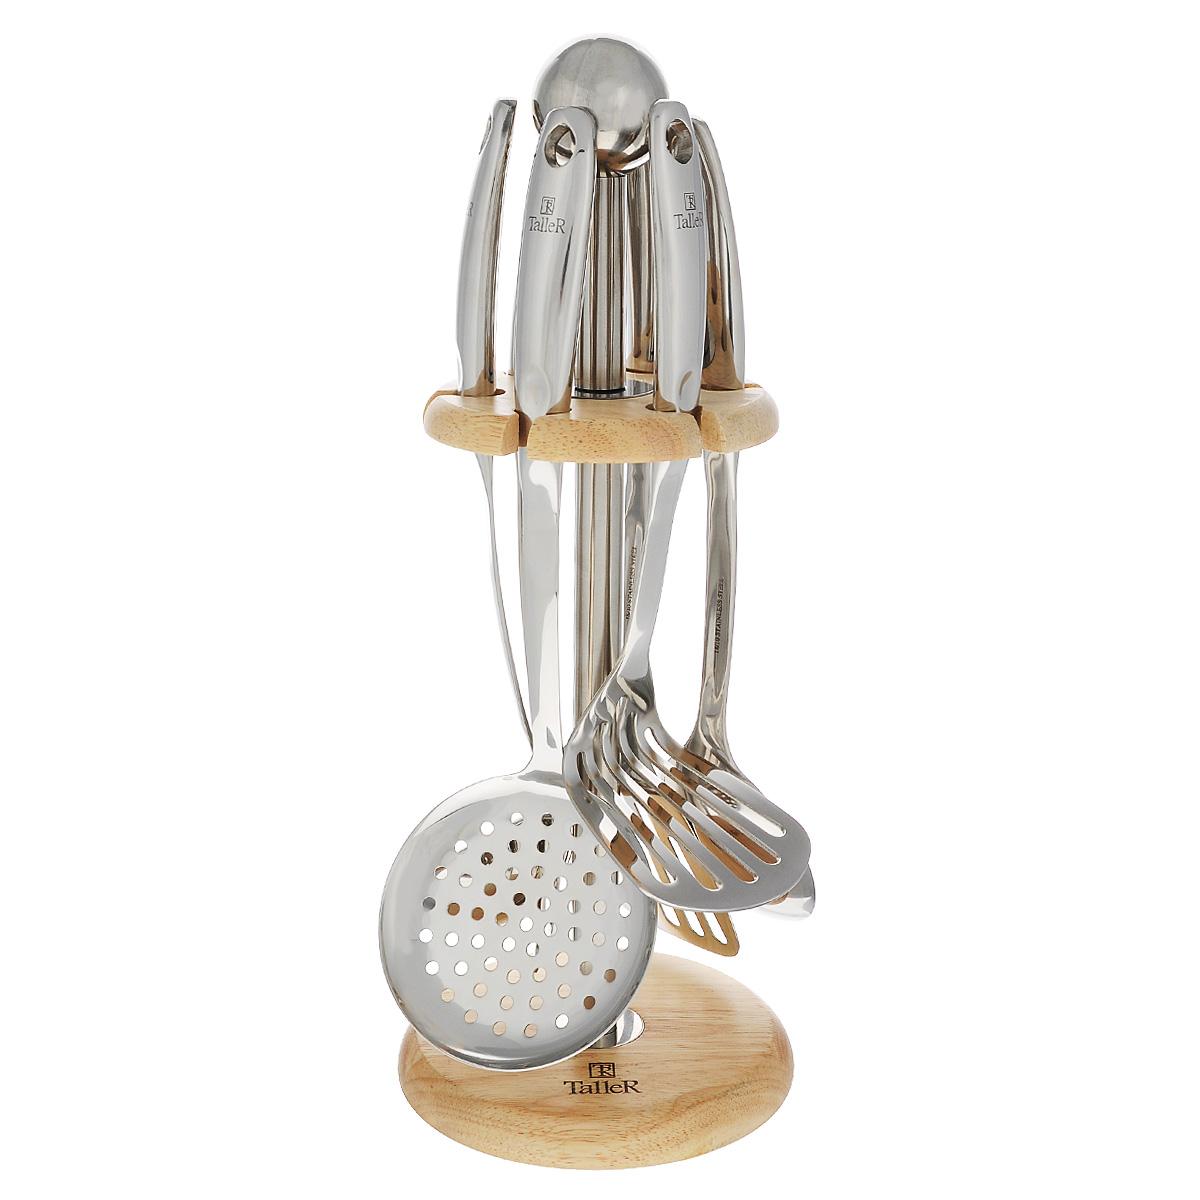 Набор кухонных принадлежностей Taller Колдвел, 7 предметовTR-1406Набор кухонных принадлежностей Taller Колдвел включает в себя: картофелемялку, половник, ложку поварскую, шумовку, вилку поварскую, лопатку перфорированную, подставку. Предметы набора выполнены из высококачественной нержавеющей стали 18/10 и оснащены ручками с отверстиями на конце, благодаря которым, вы сможете их подвесить на подставку или в любое для вас удобное место. Подставка выполнена из нержавеющей стали и дерева. Эксклюзивный дизайн, эстетичность и функциональность набора Taller Колдвел позволят ему занять достойное место среди кухонного инвентаря. Можно мыть в посудомоечной машине.